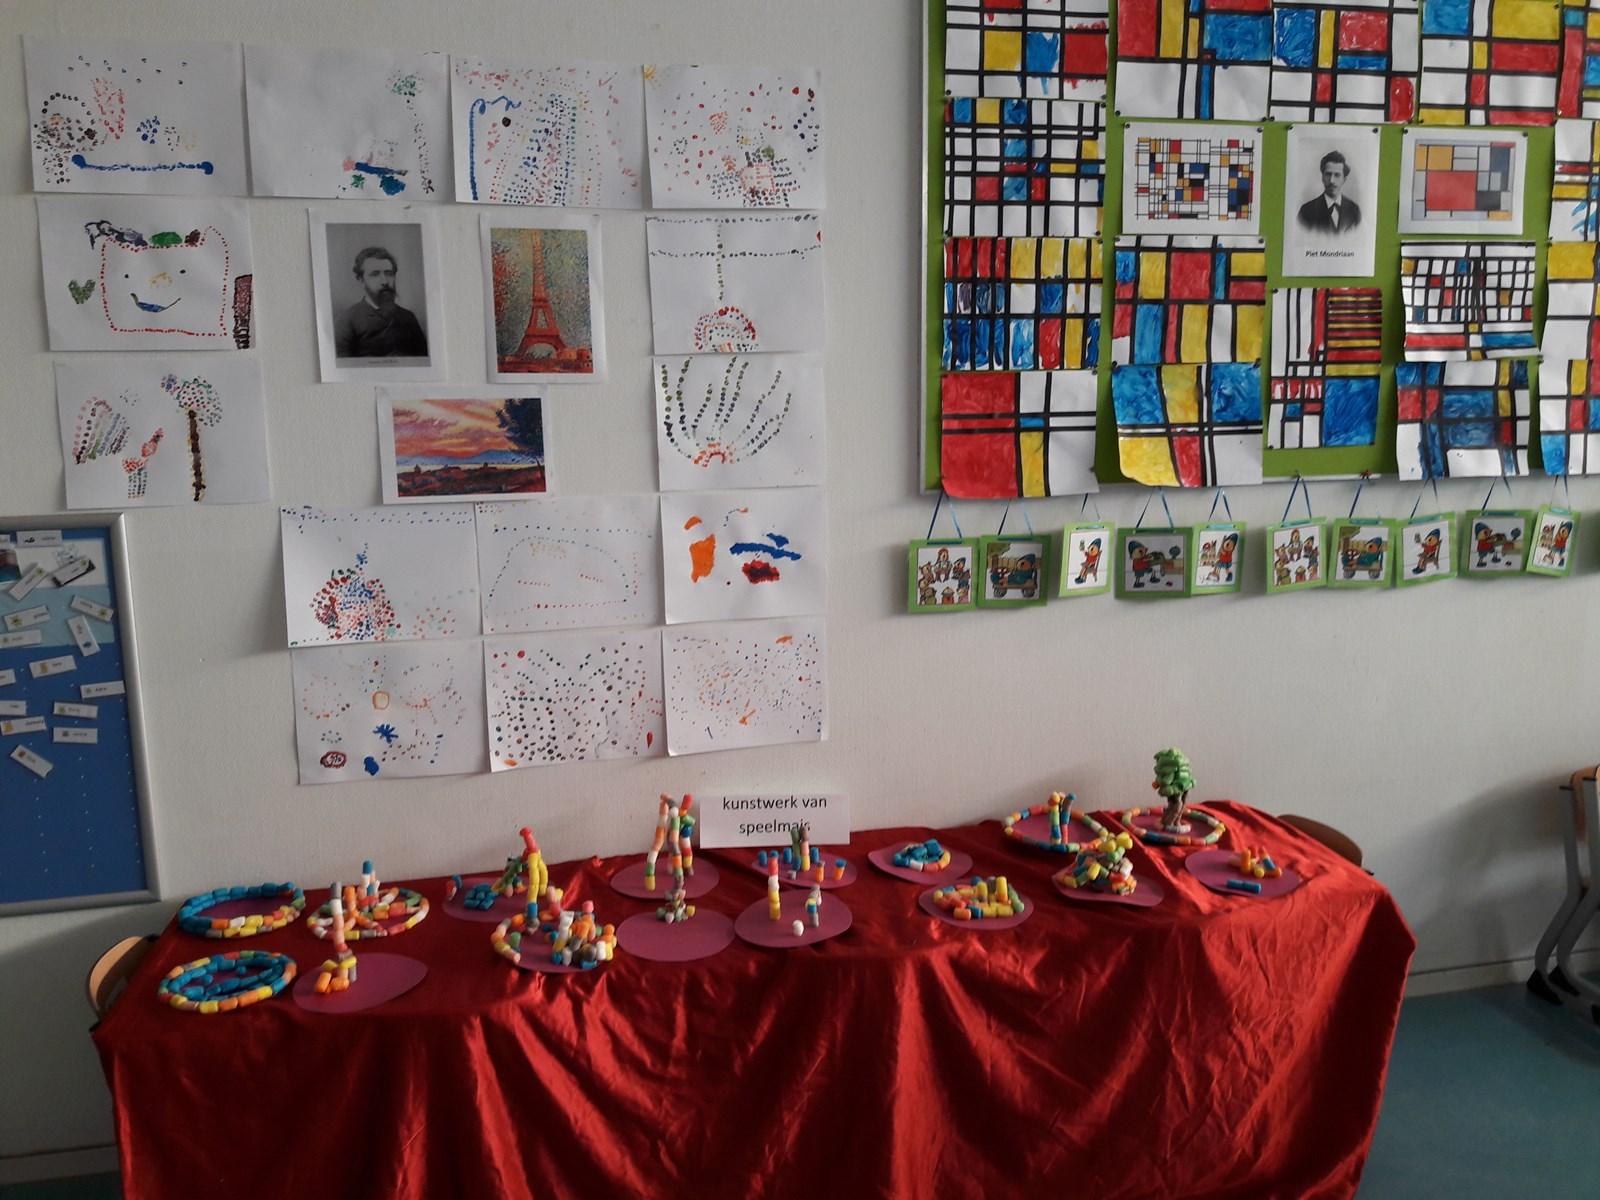 Beste Project 'kunst' bij de kleuters. - Kindcentrum De Notenbalk OT-06